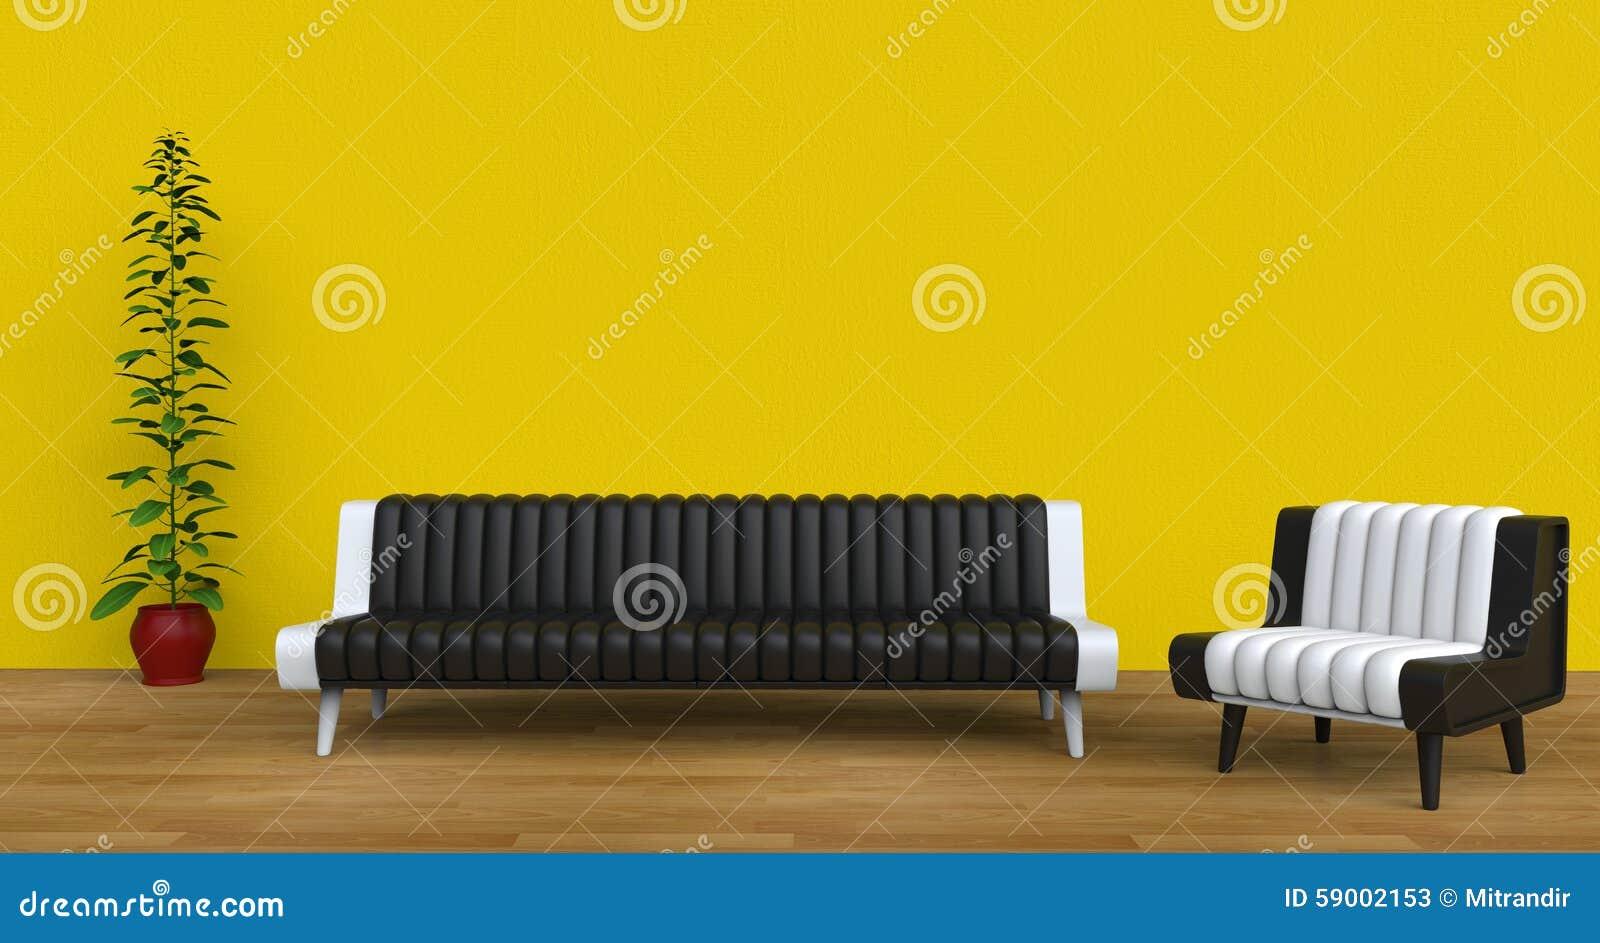 Woonkamer met gele muren stock foto's– 40 woonkamer met gele muren ...